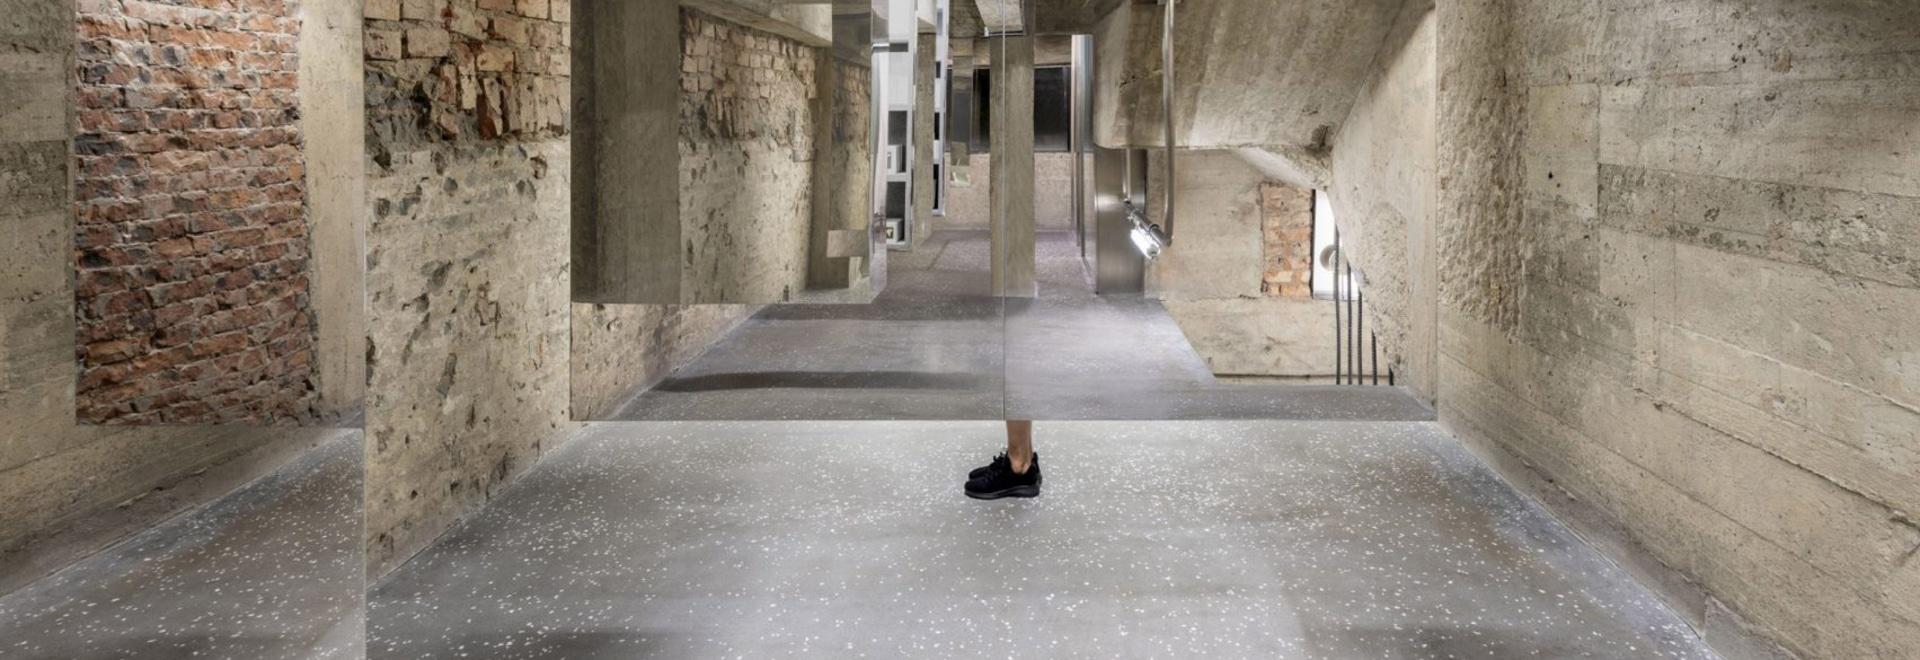 Aim Architecture gründet einen Schönheitssalon im Apotheker-Stil in Hongkong